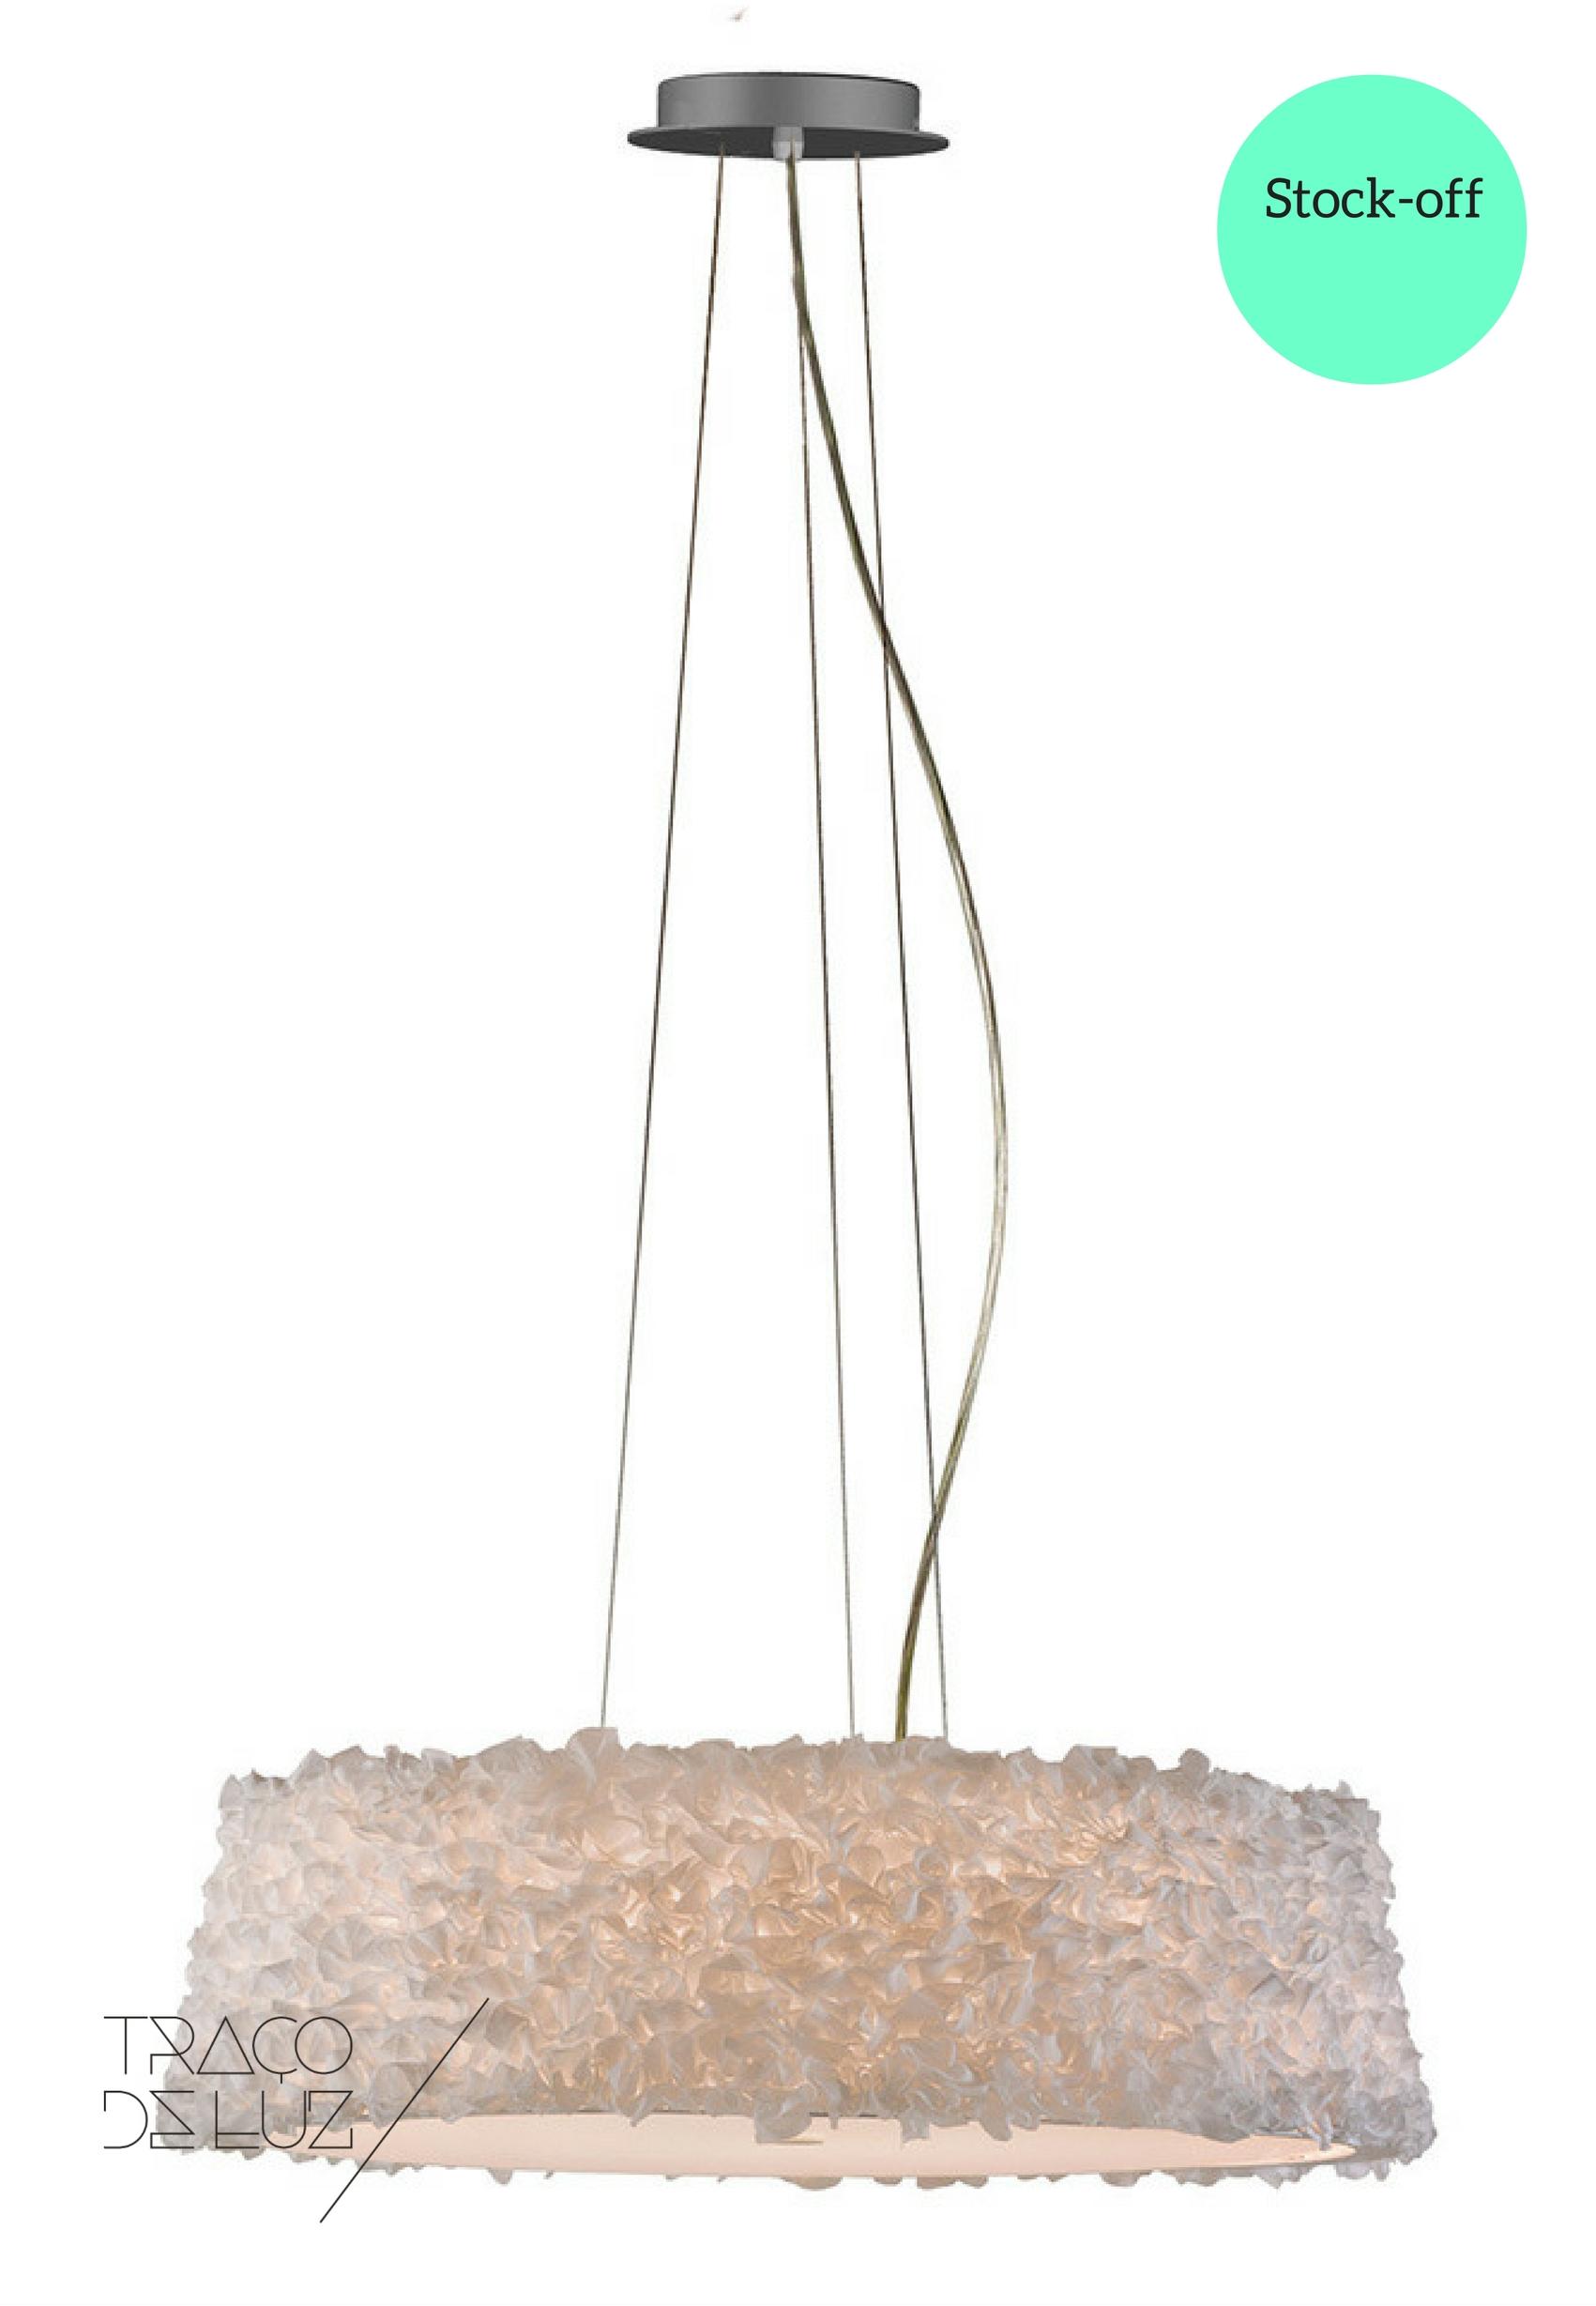 Traço de Luz Stock-off Iluminação Arturo Alvarez Miuu Comprar Online Buy